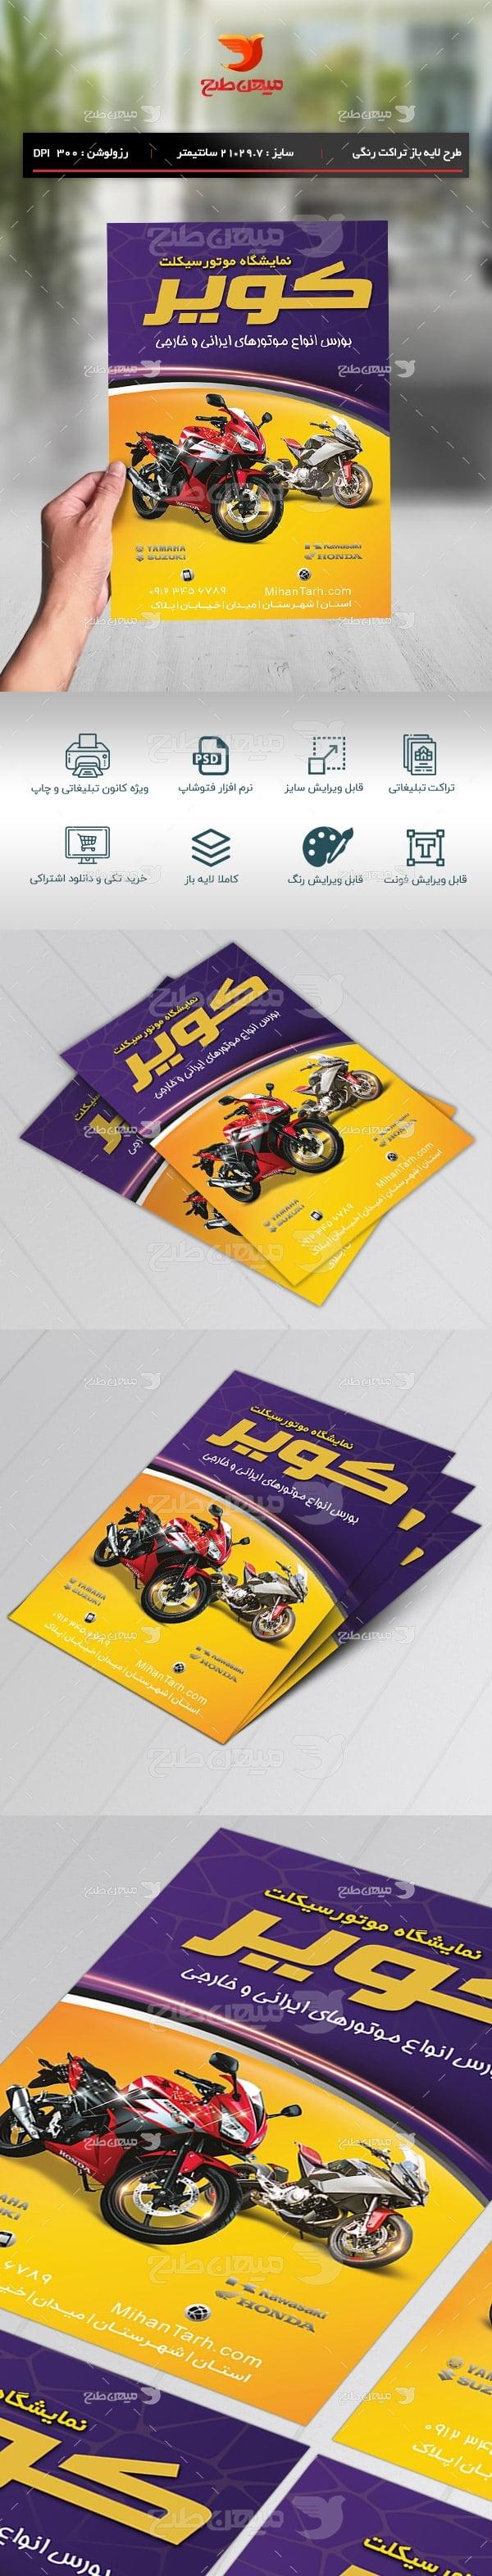 طرح لایه باز تراکت رنگی نمایشگاه موتور سیکلت